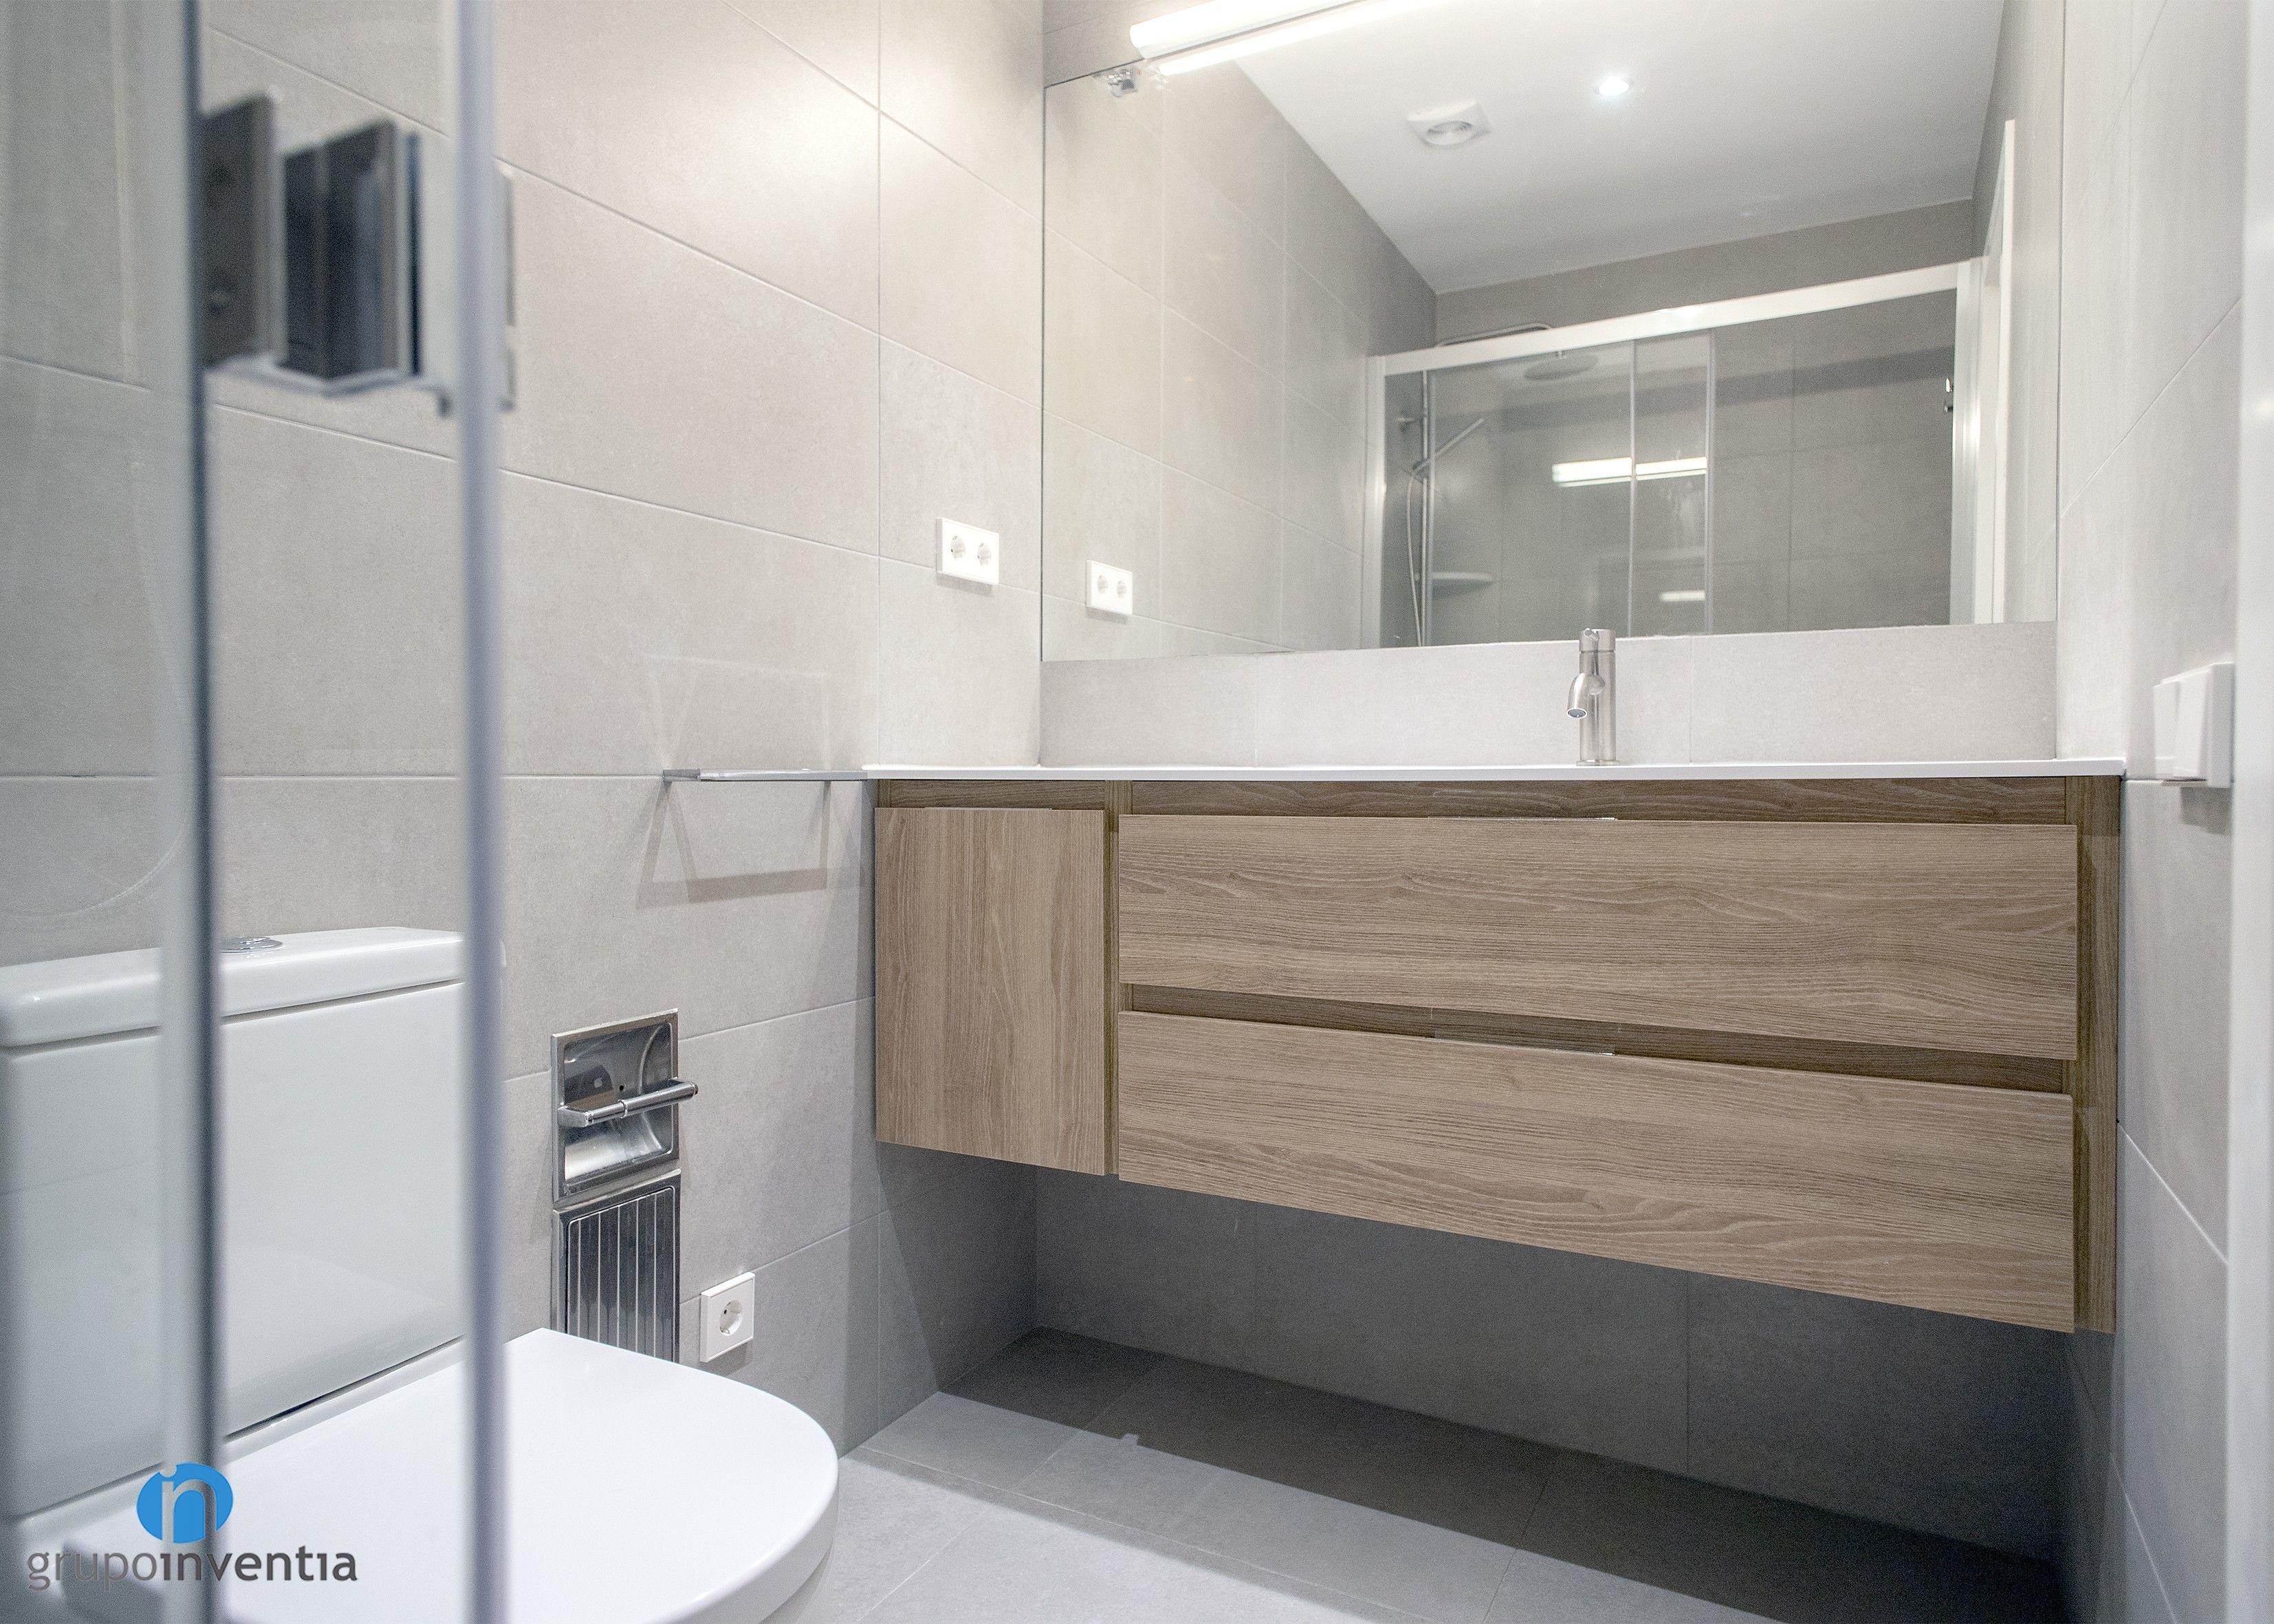 Pin en Cuarto de baño reformado en calle Mallorca de Barcelona